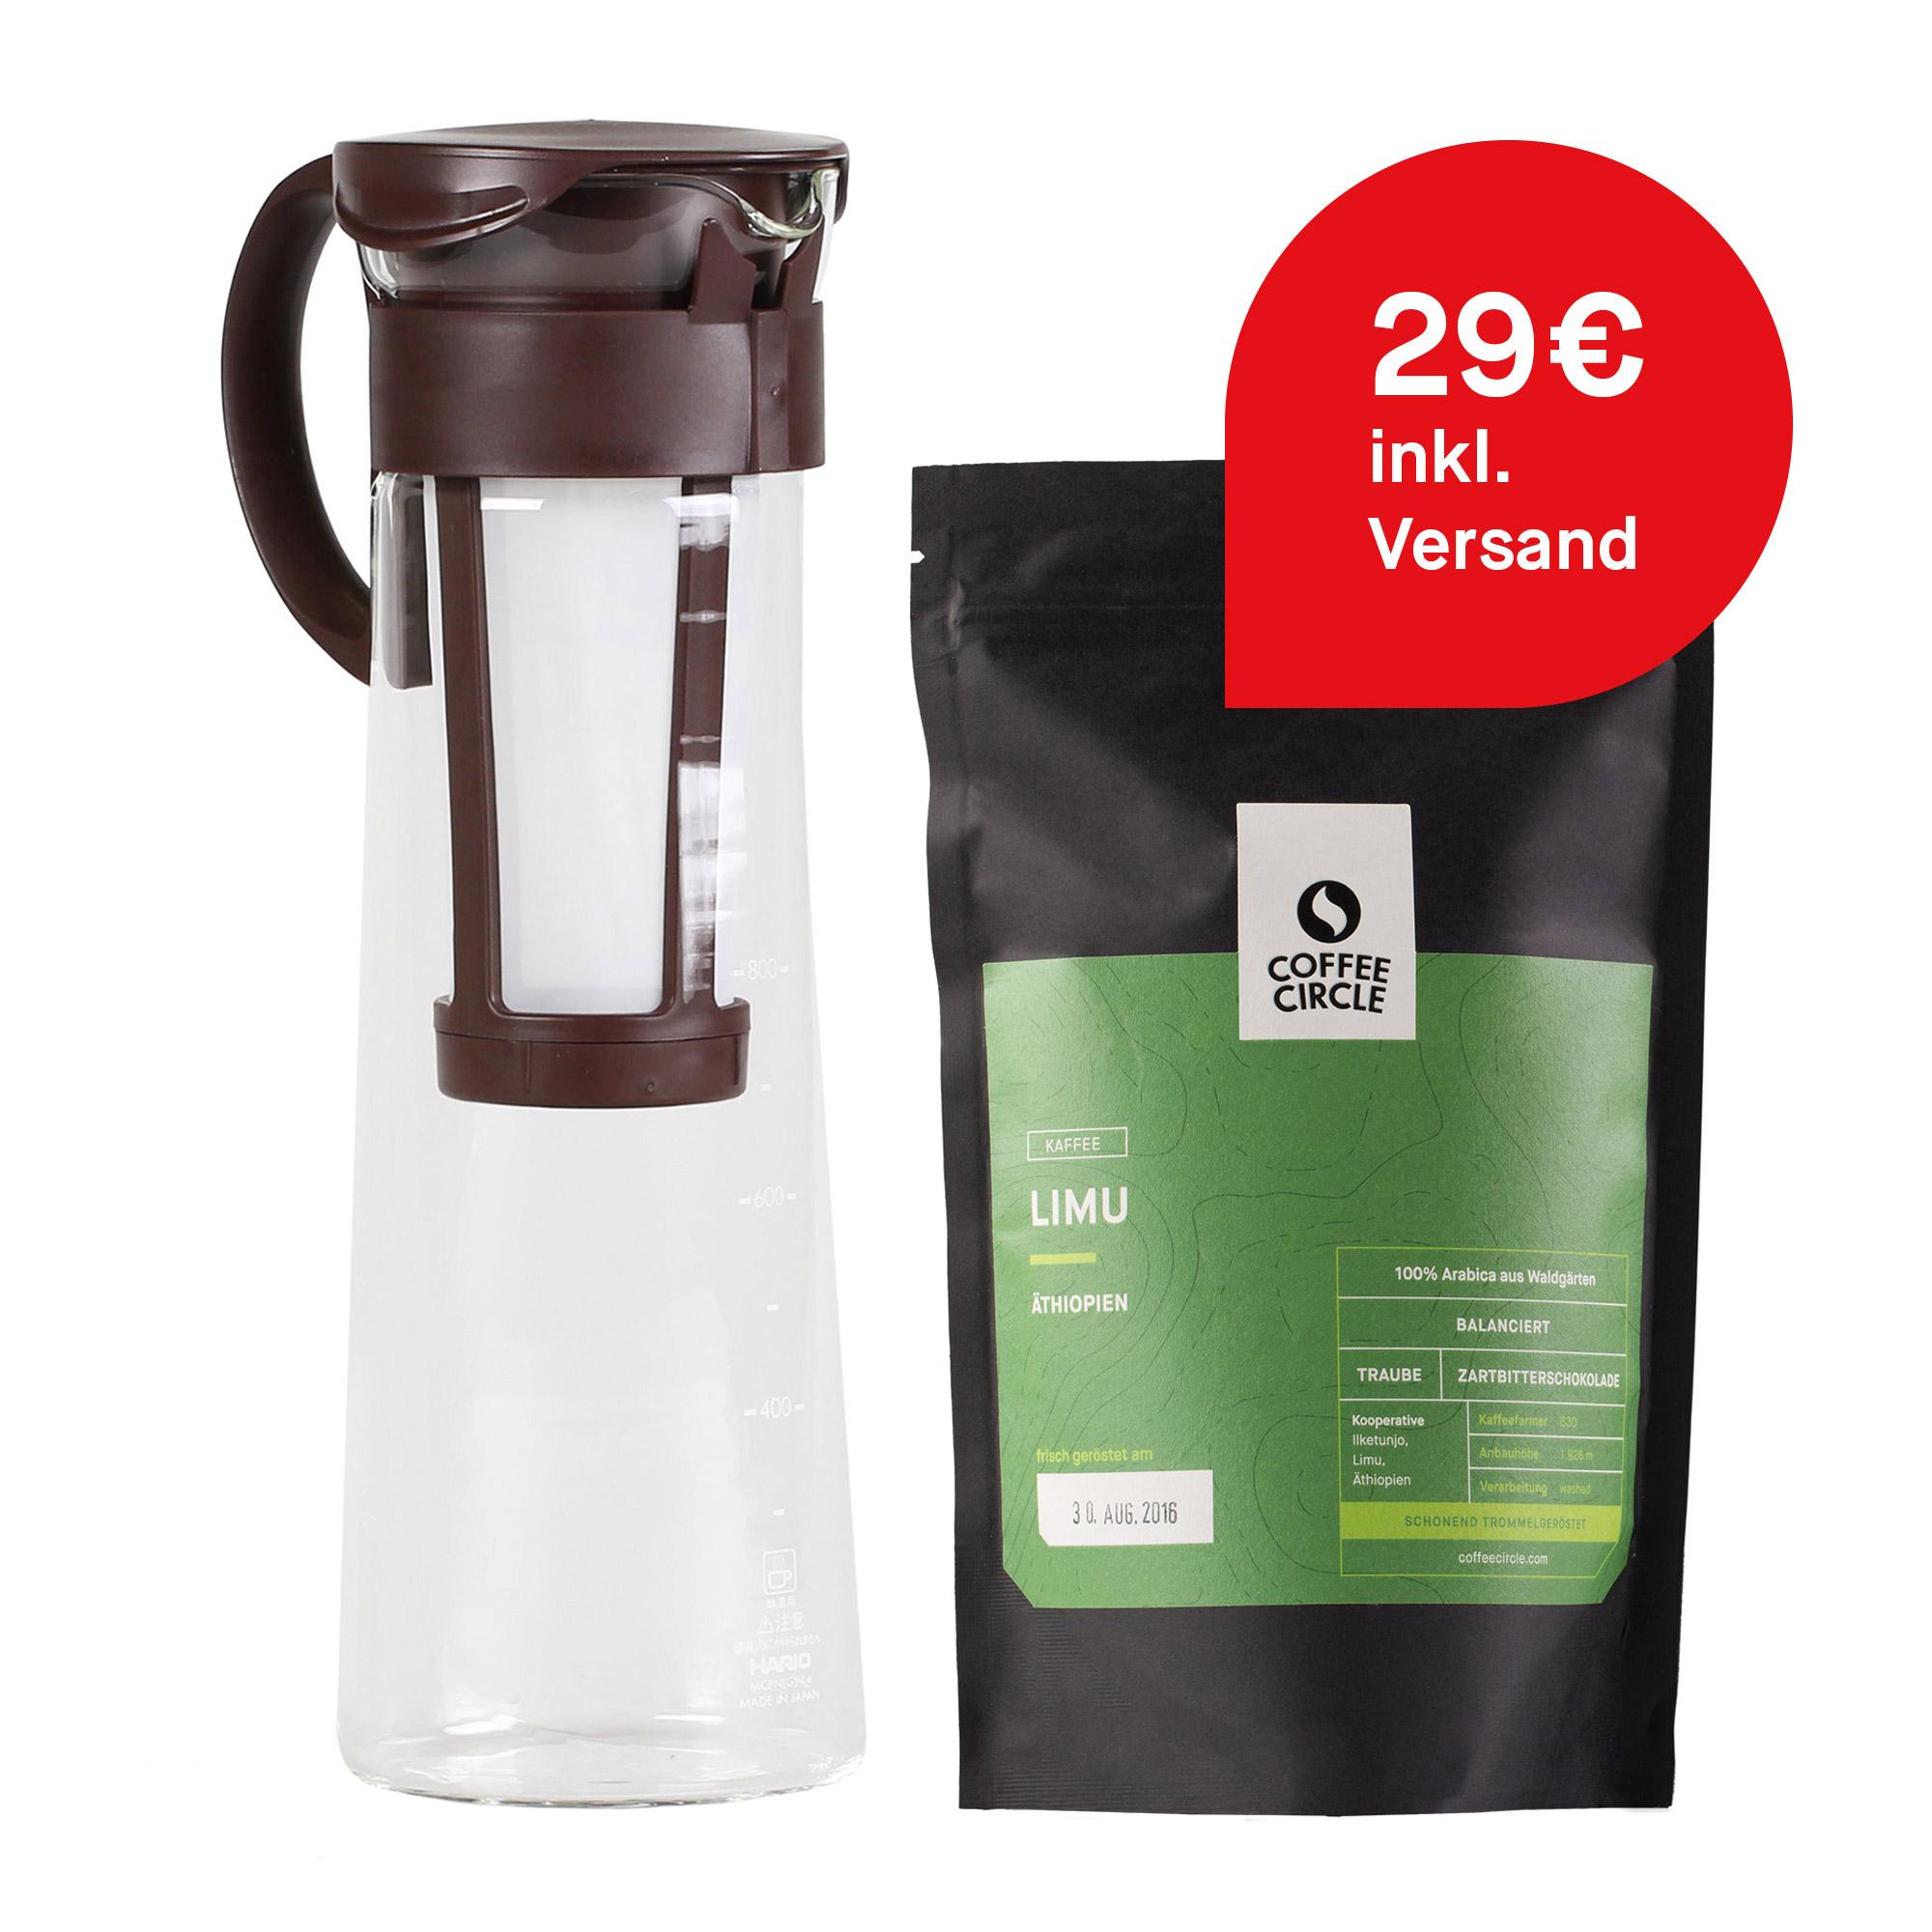 geschenkset hario cold brew zubereiter kaffee online kaufen coffee circle. Black Bedroom Furniture Sets. Home Design Ideas